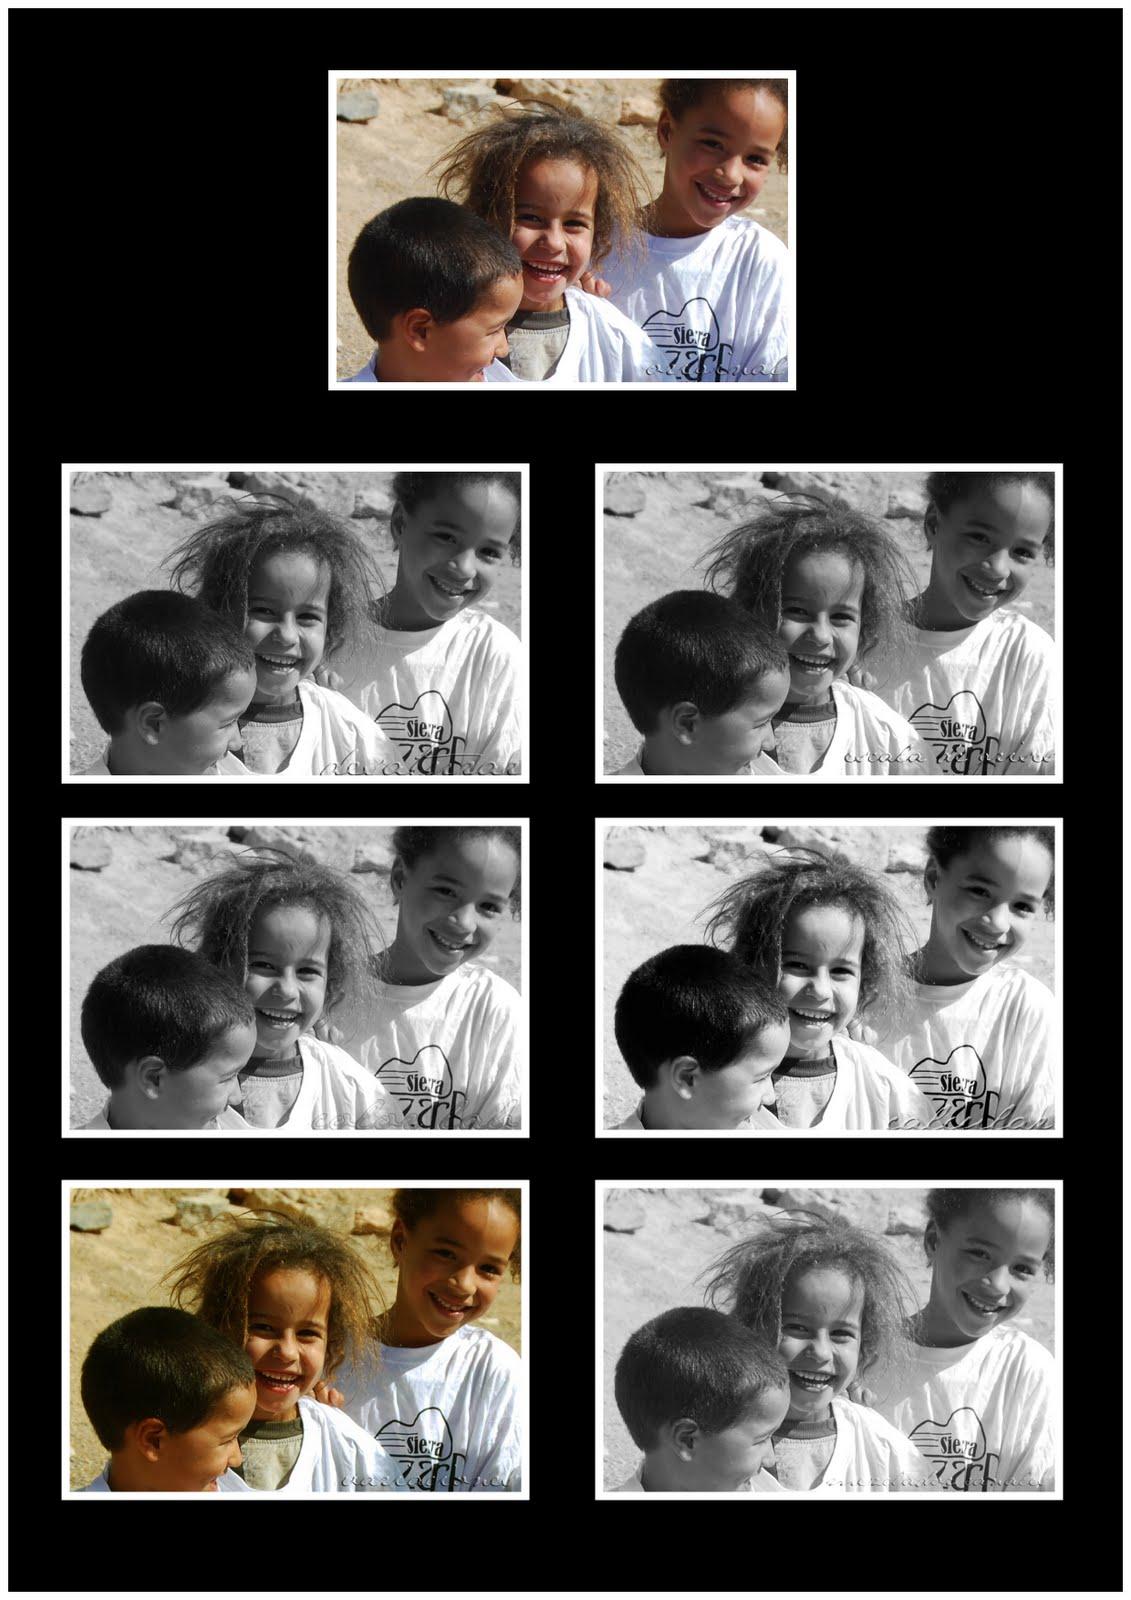 Pin trevor crone 3 artisticas fotografias en blanco y for Laminas blanco y negro